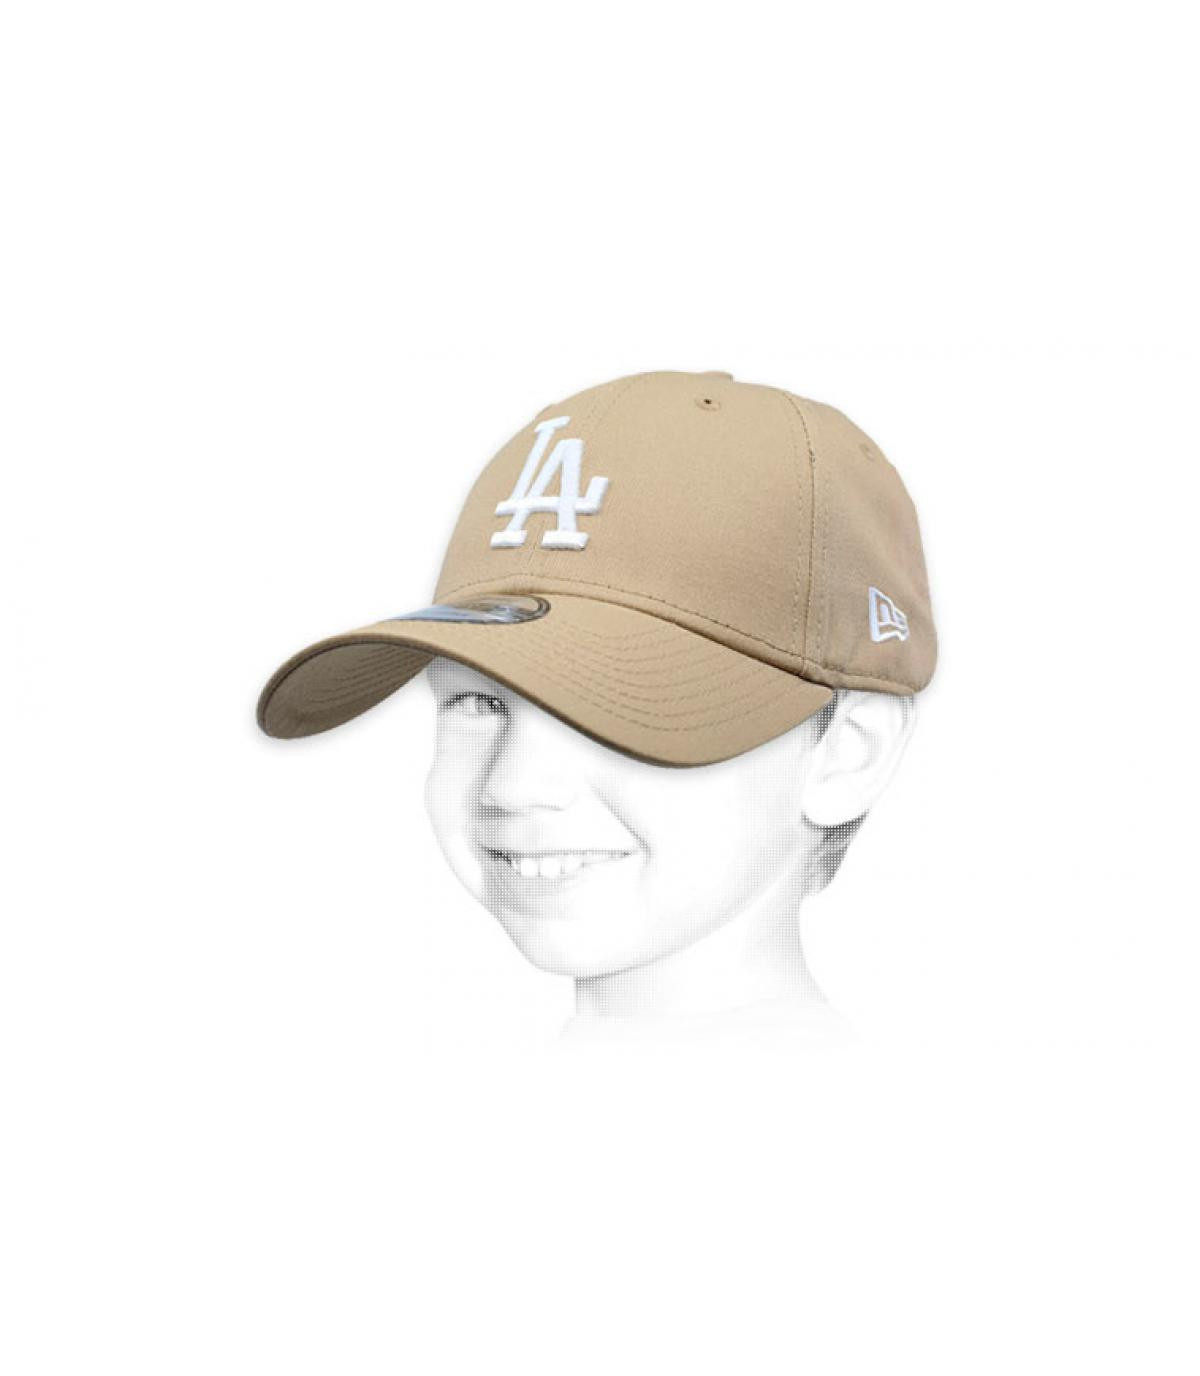 Kinder Cap LA beige